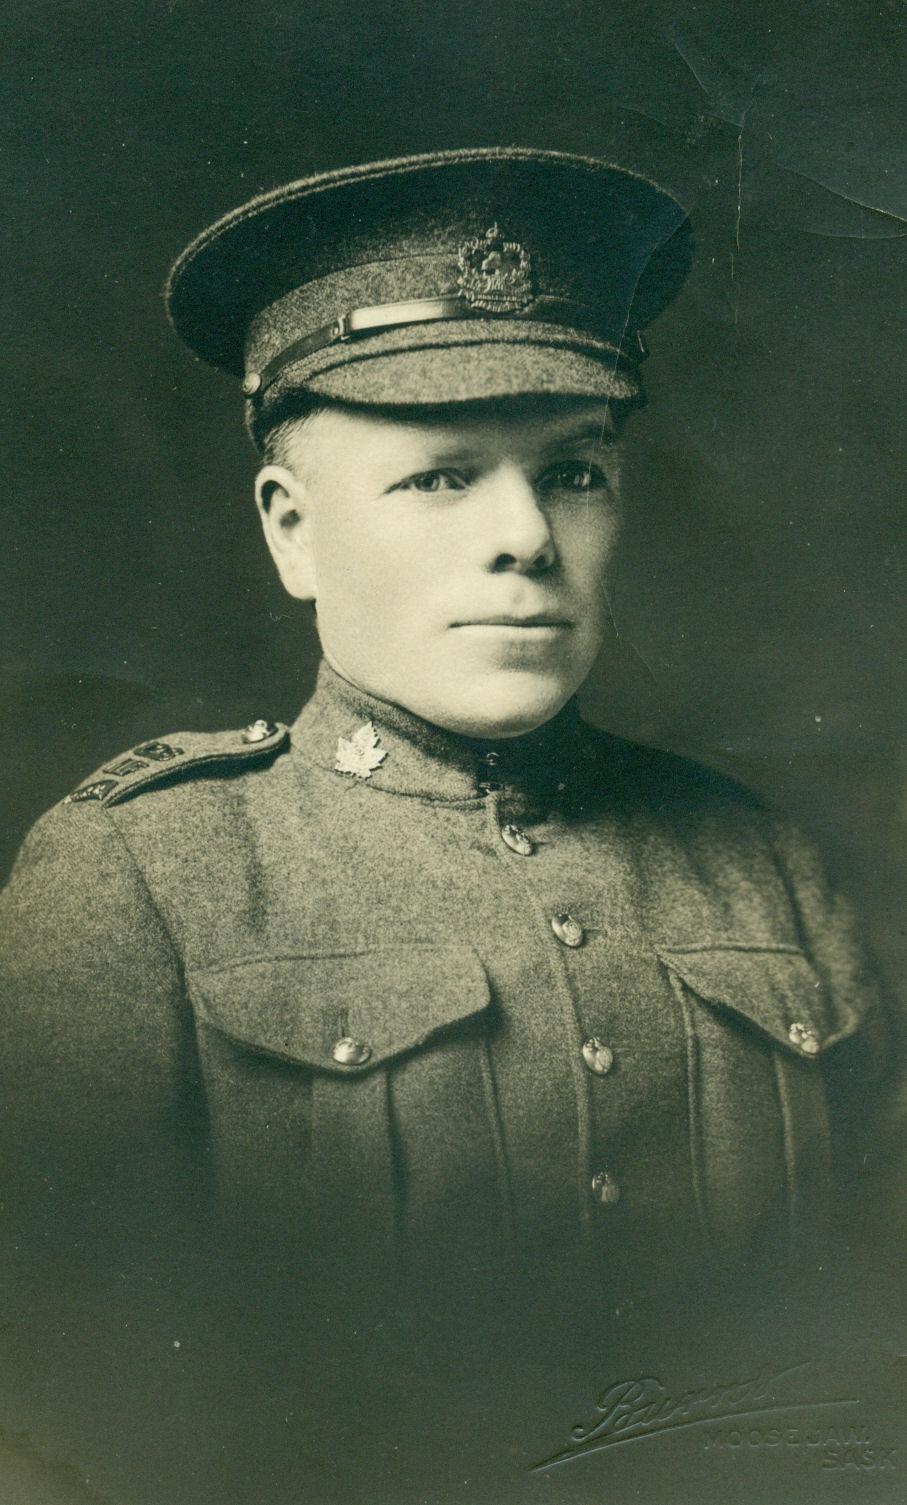 Photo of George Sinclair MacKay